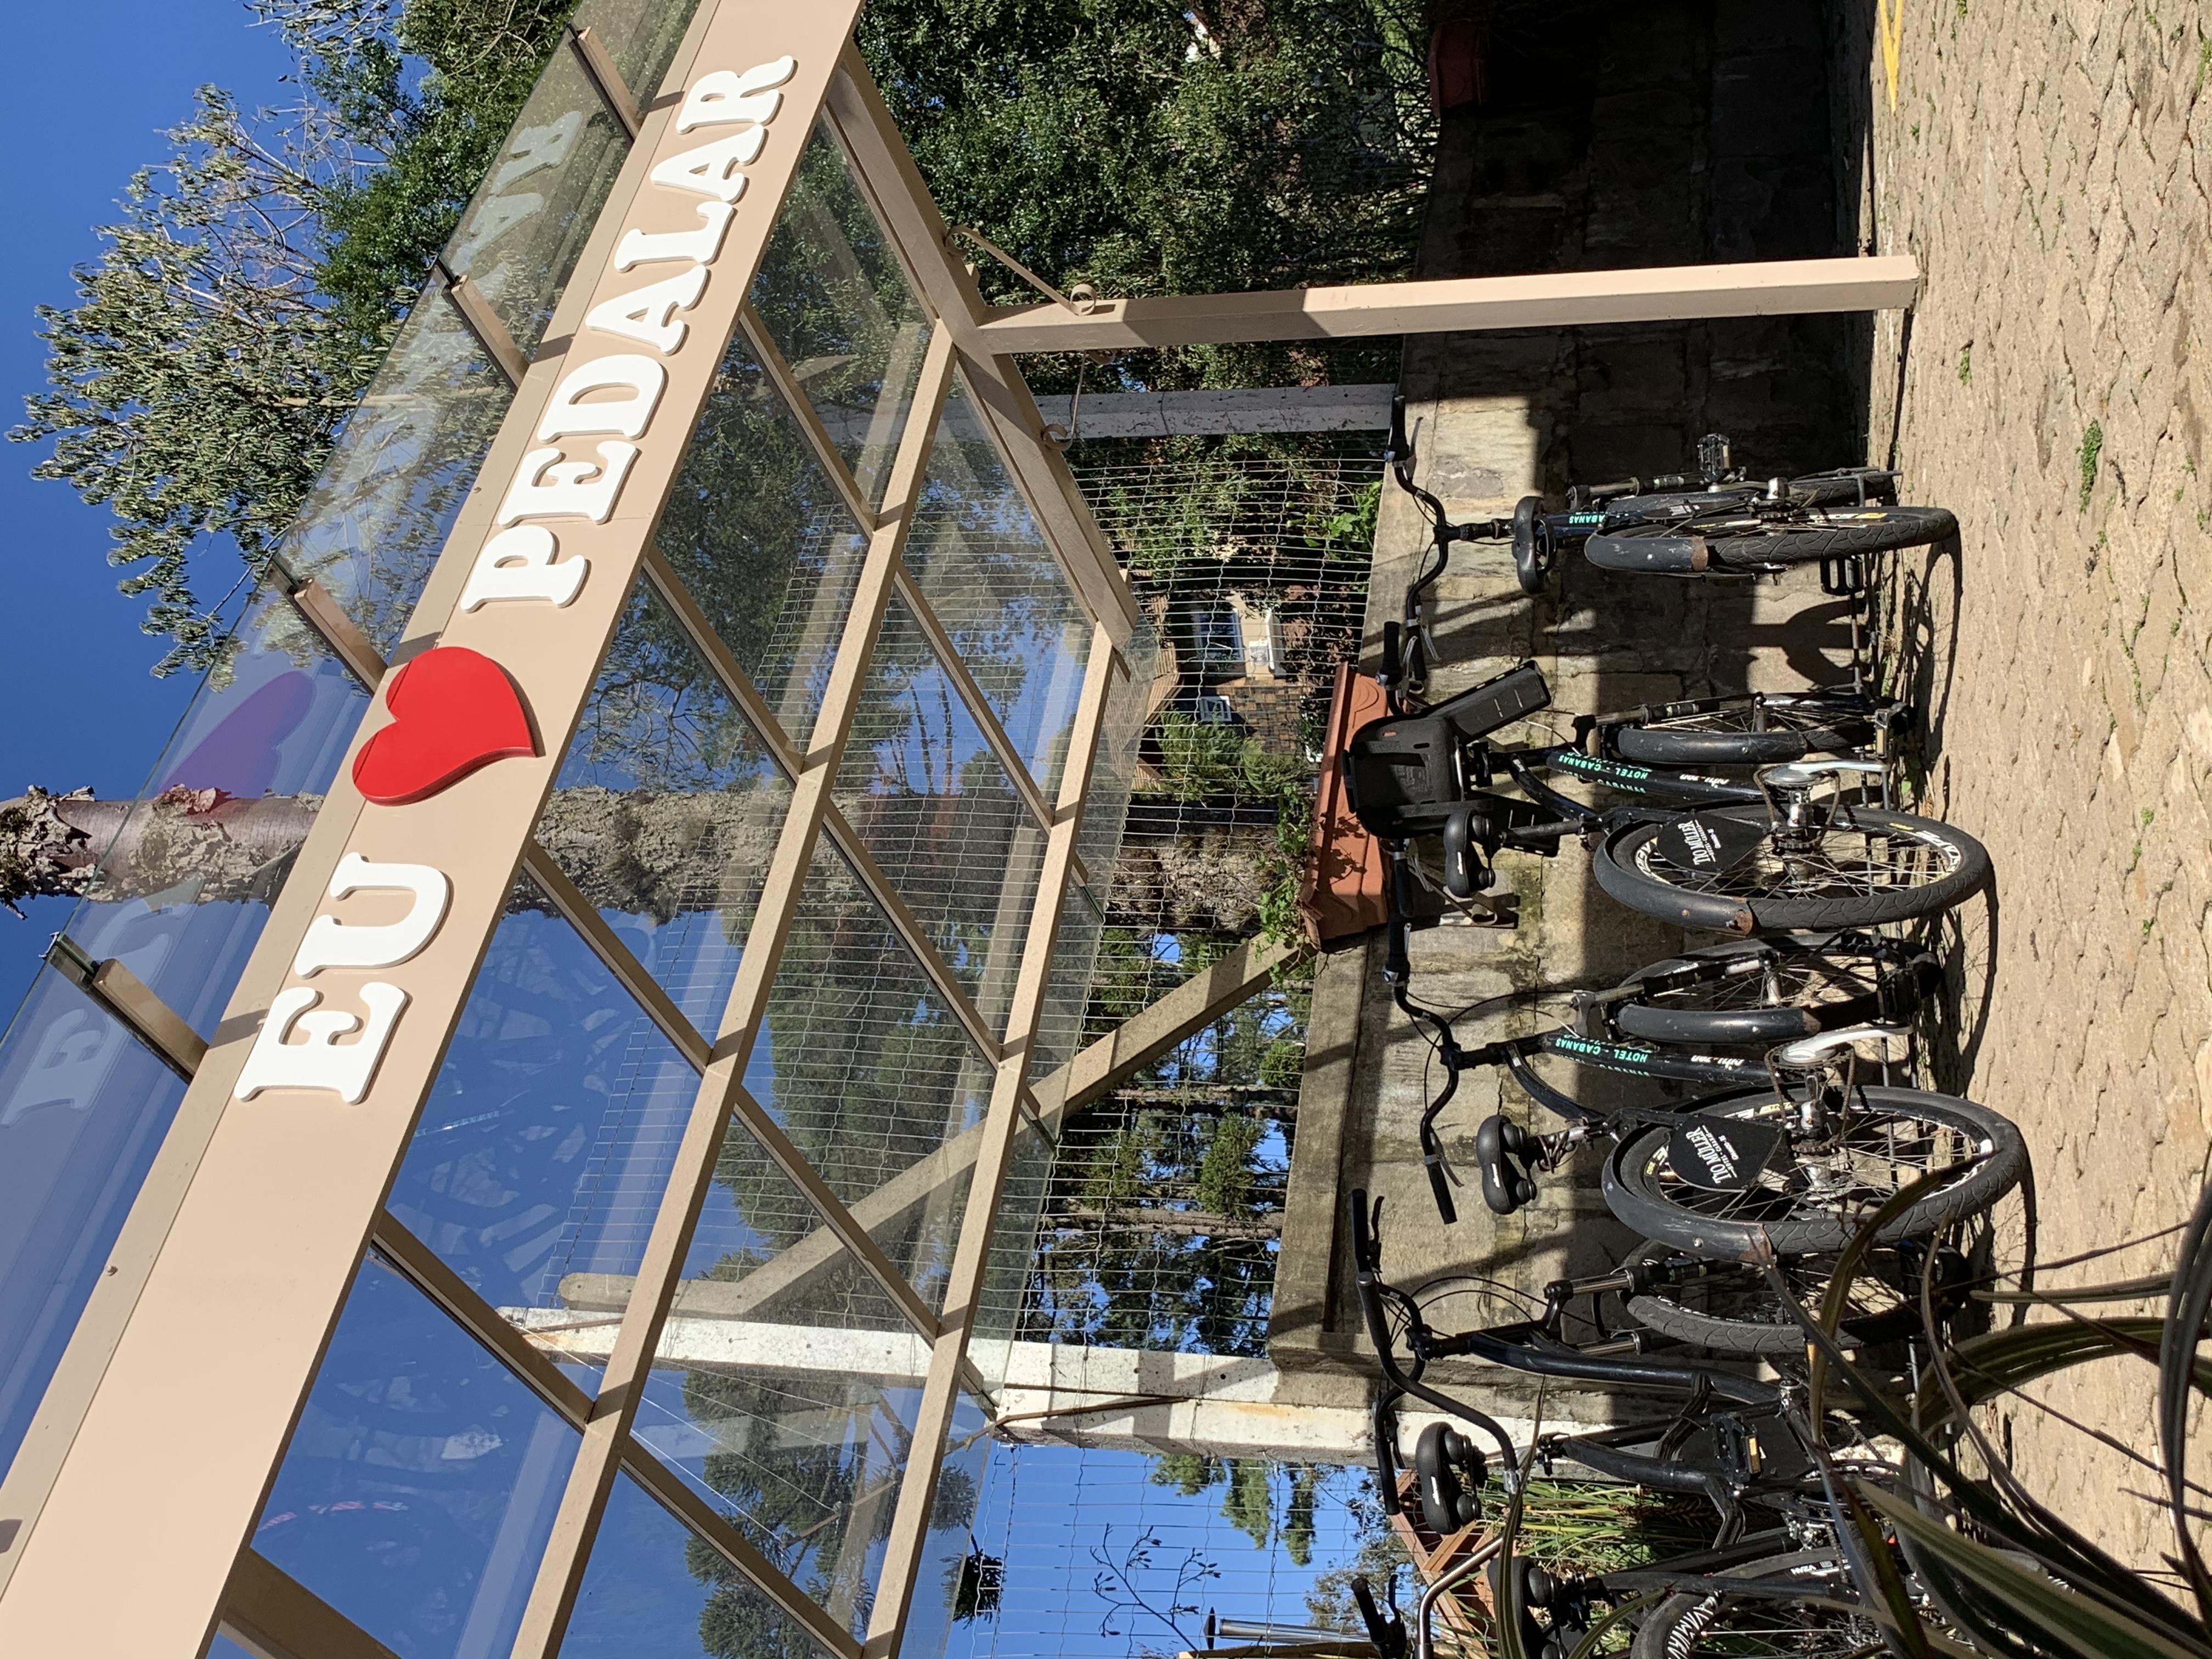 Bicicletas Hotel Cabanas Tio Muller em Gramado